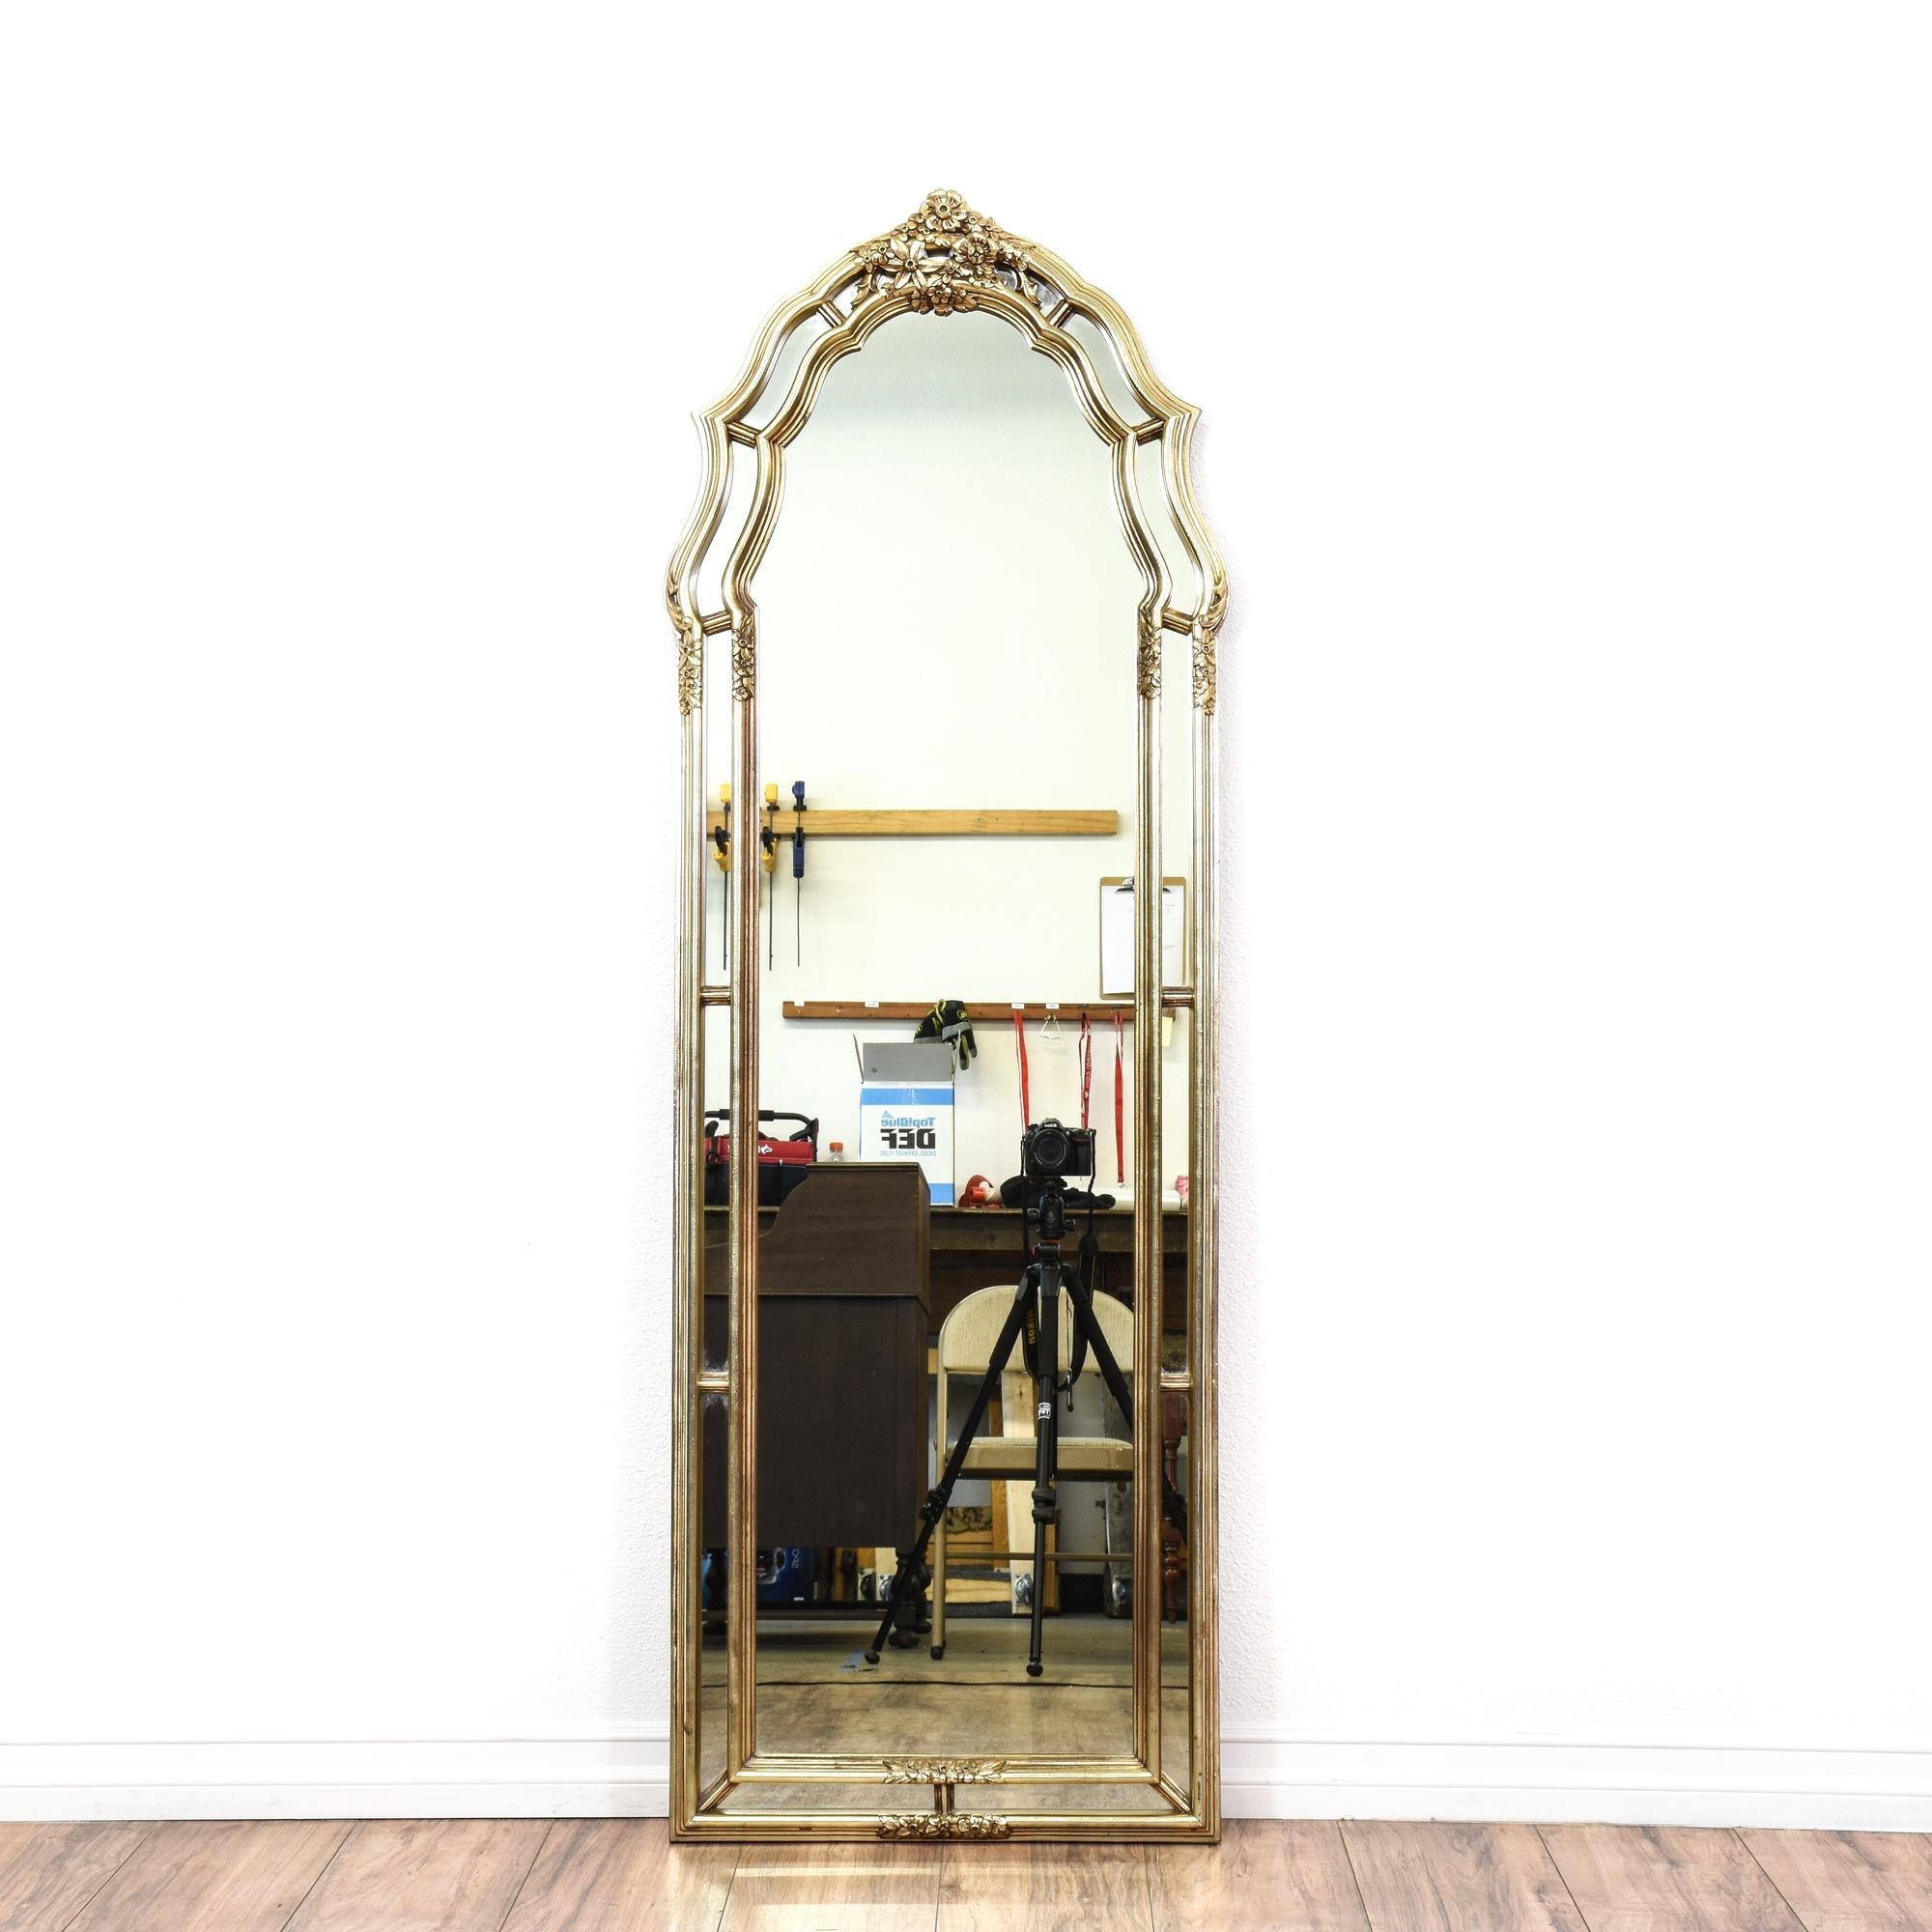 White gold floral full length mirror loveseat vintage for White full length mirror